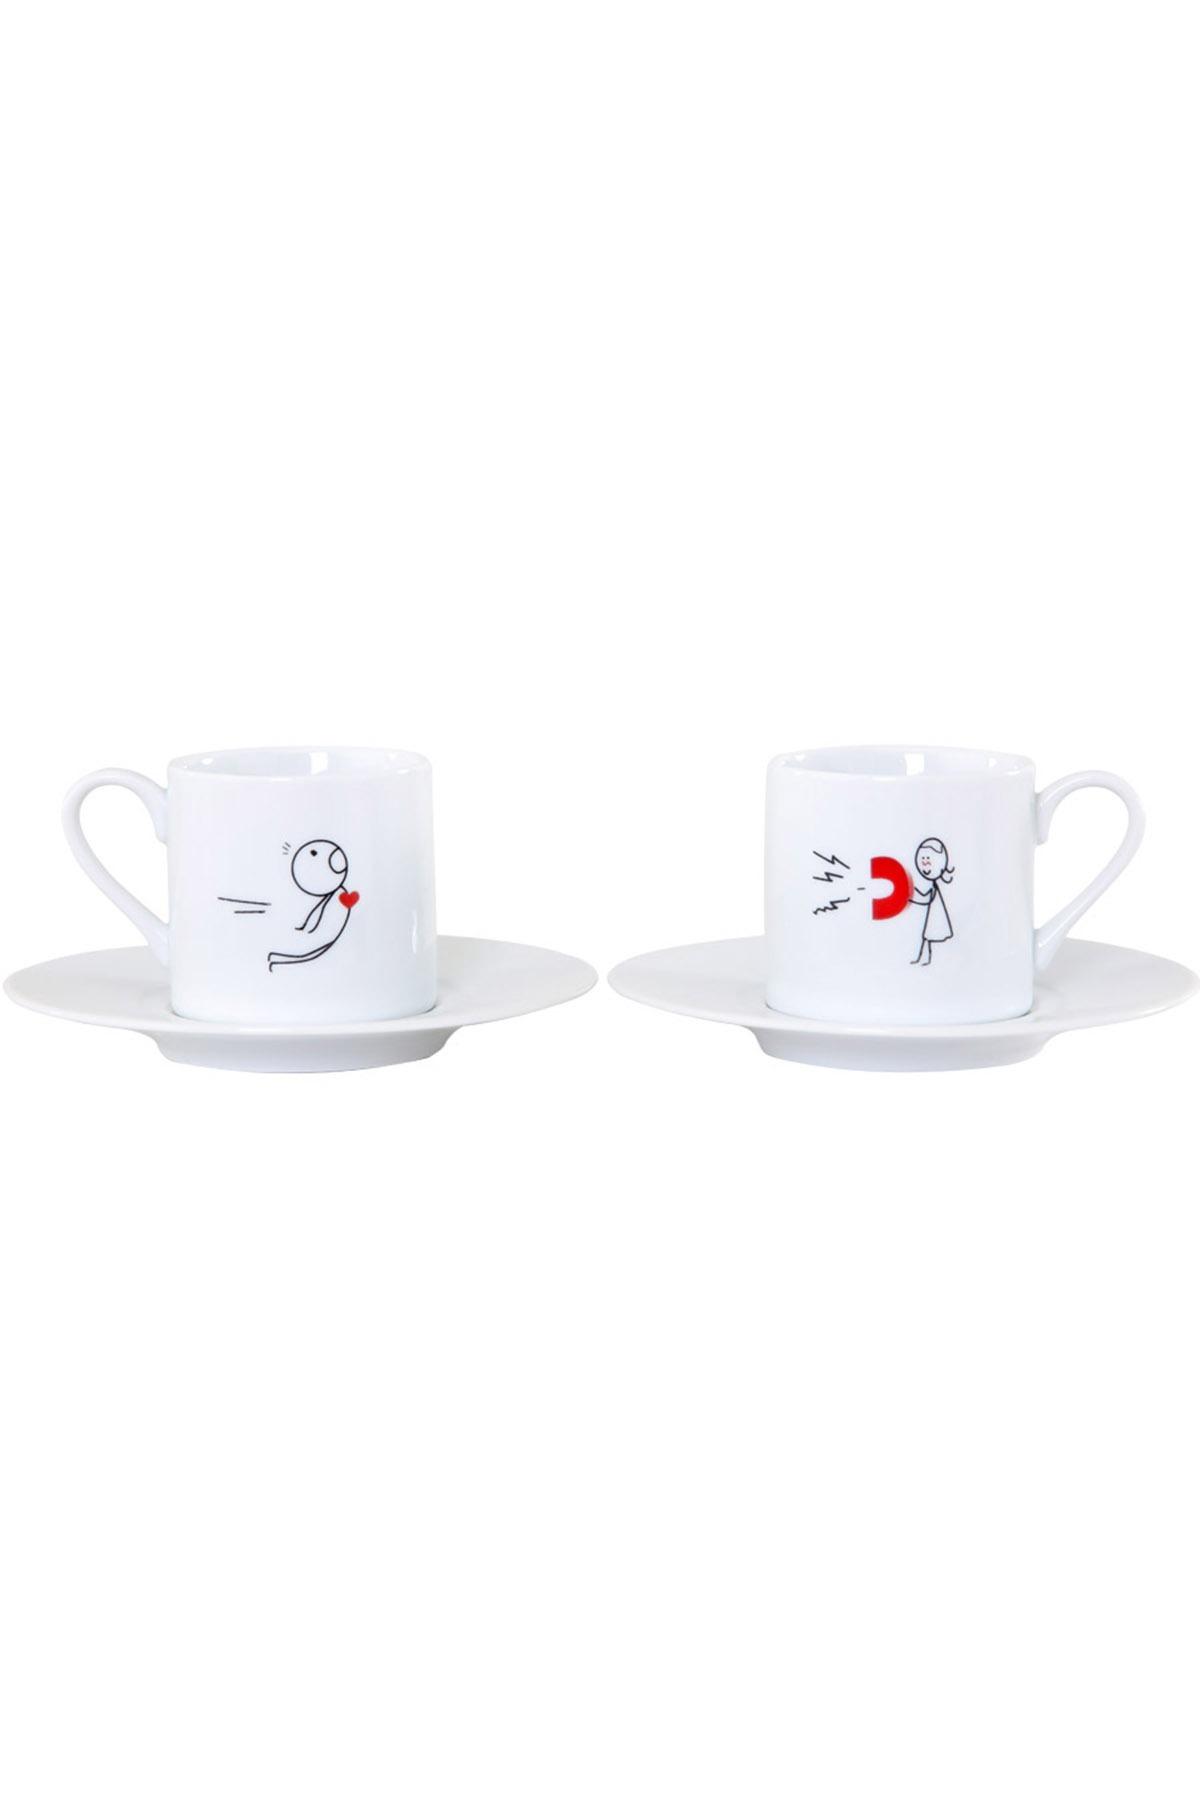 Kütahya Porselen - Kütahya Porselen Rüya 8078 Desen Kahve Fincan Takımı